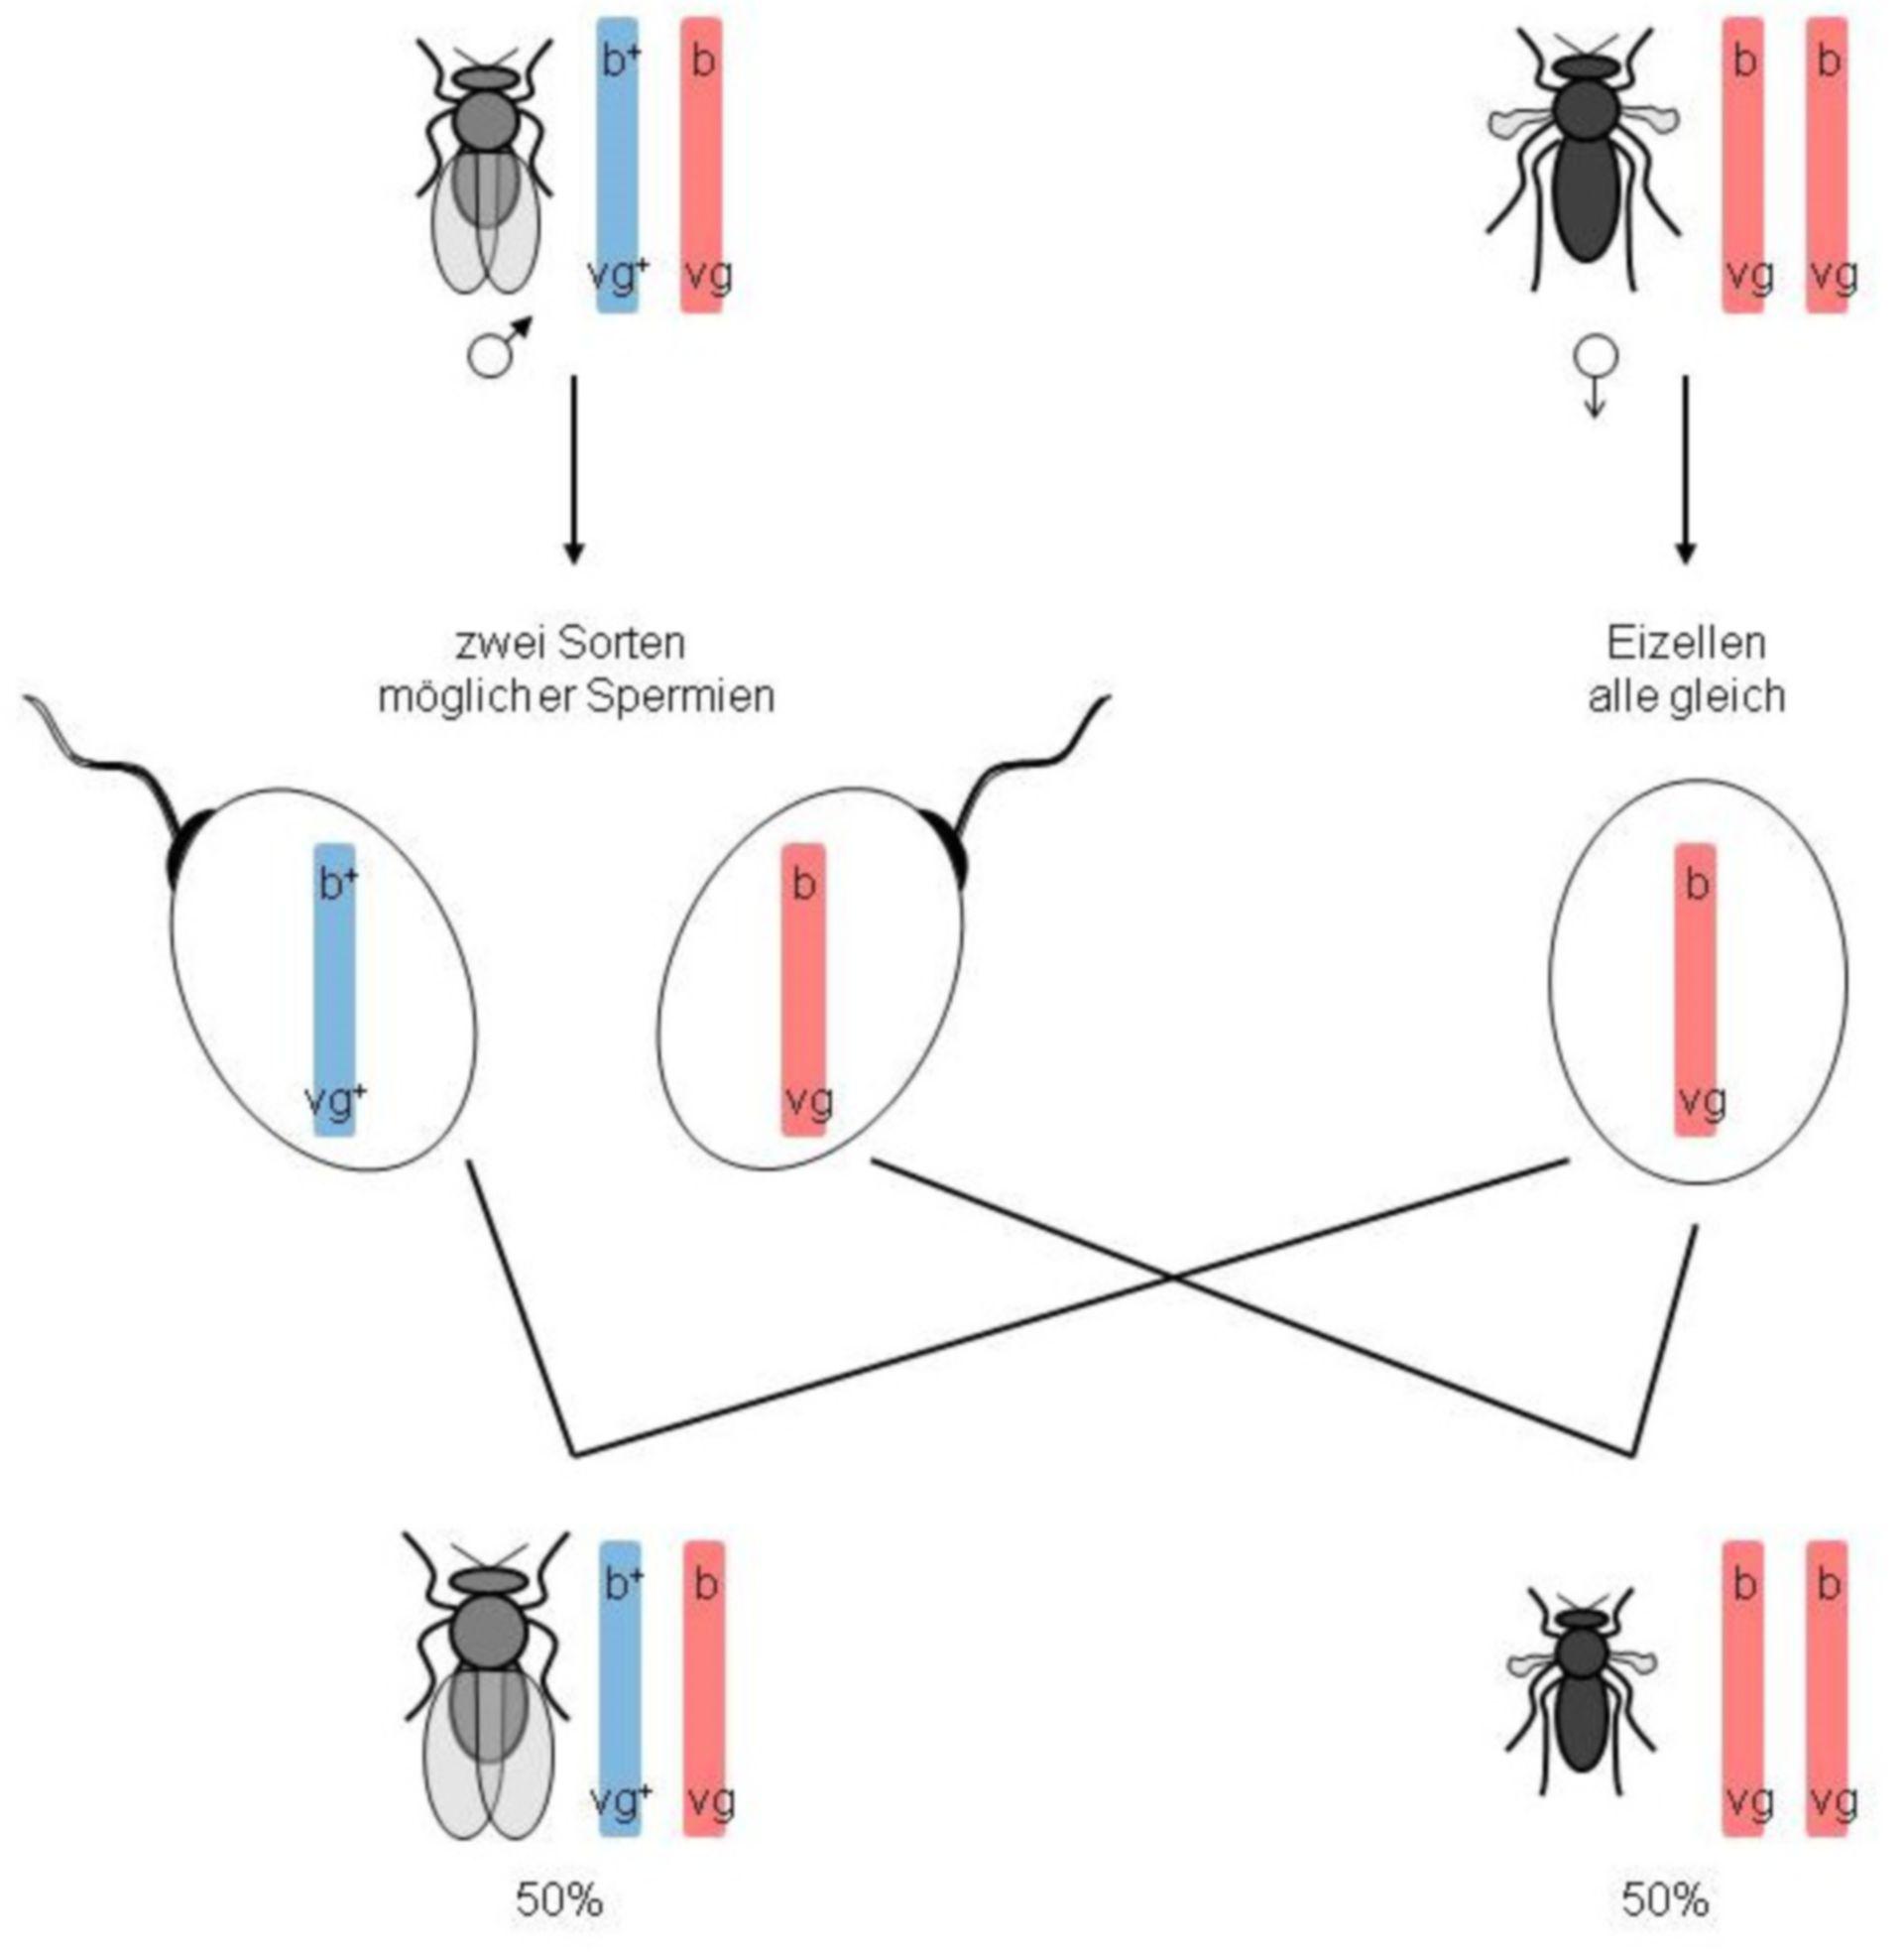 Genkopplungsnachweis bei Drosophila